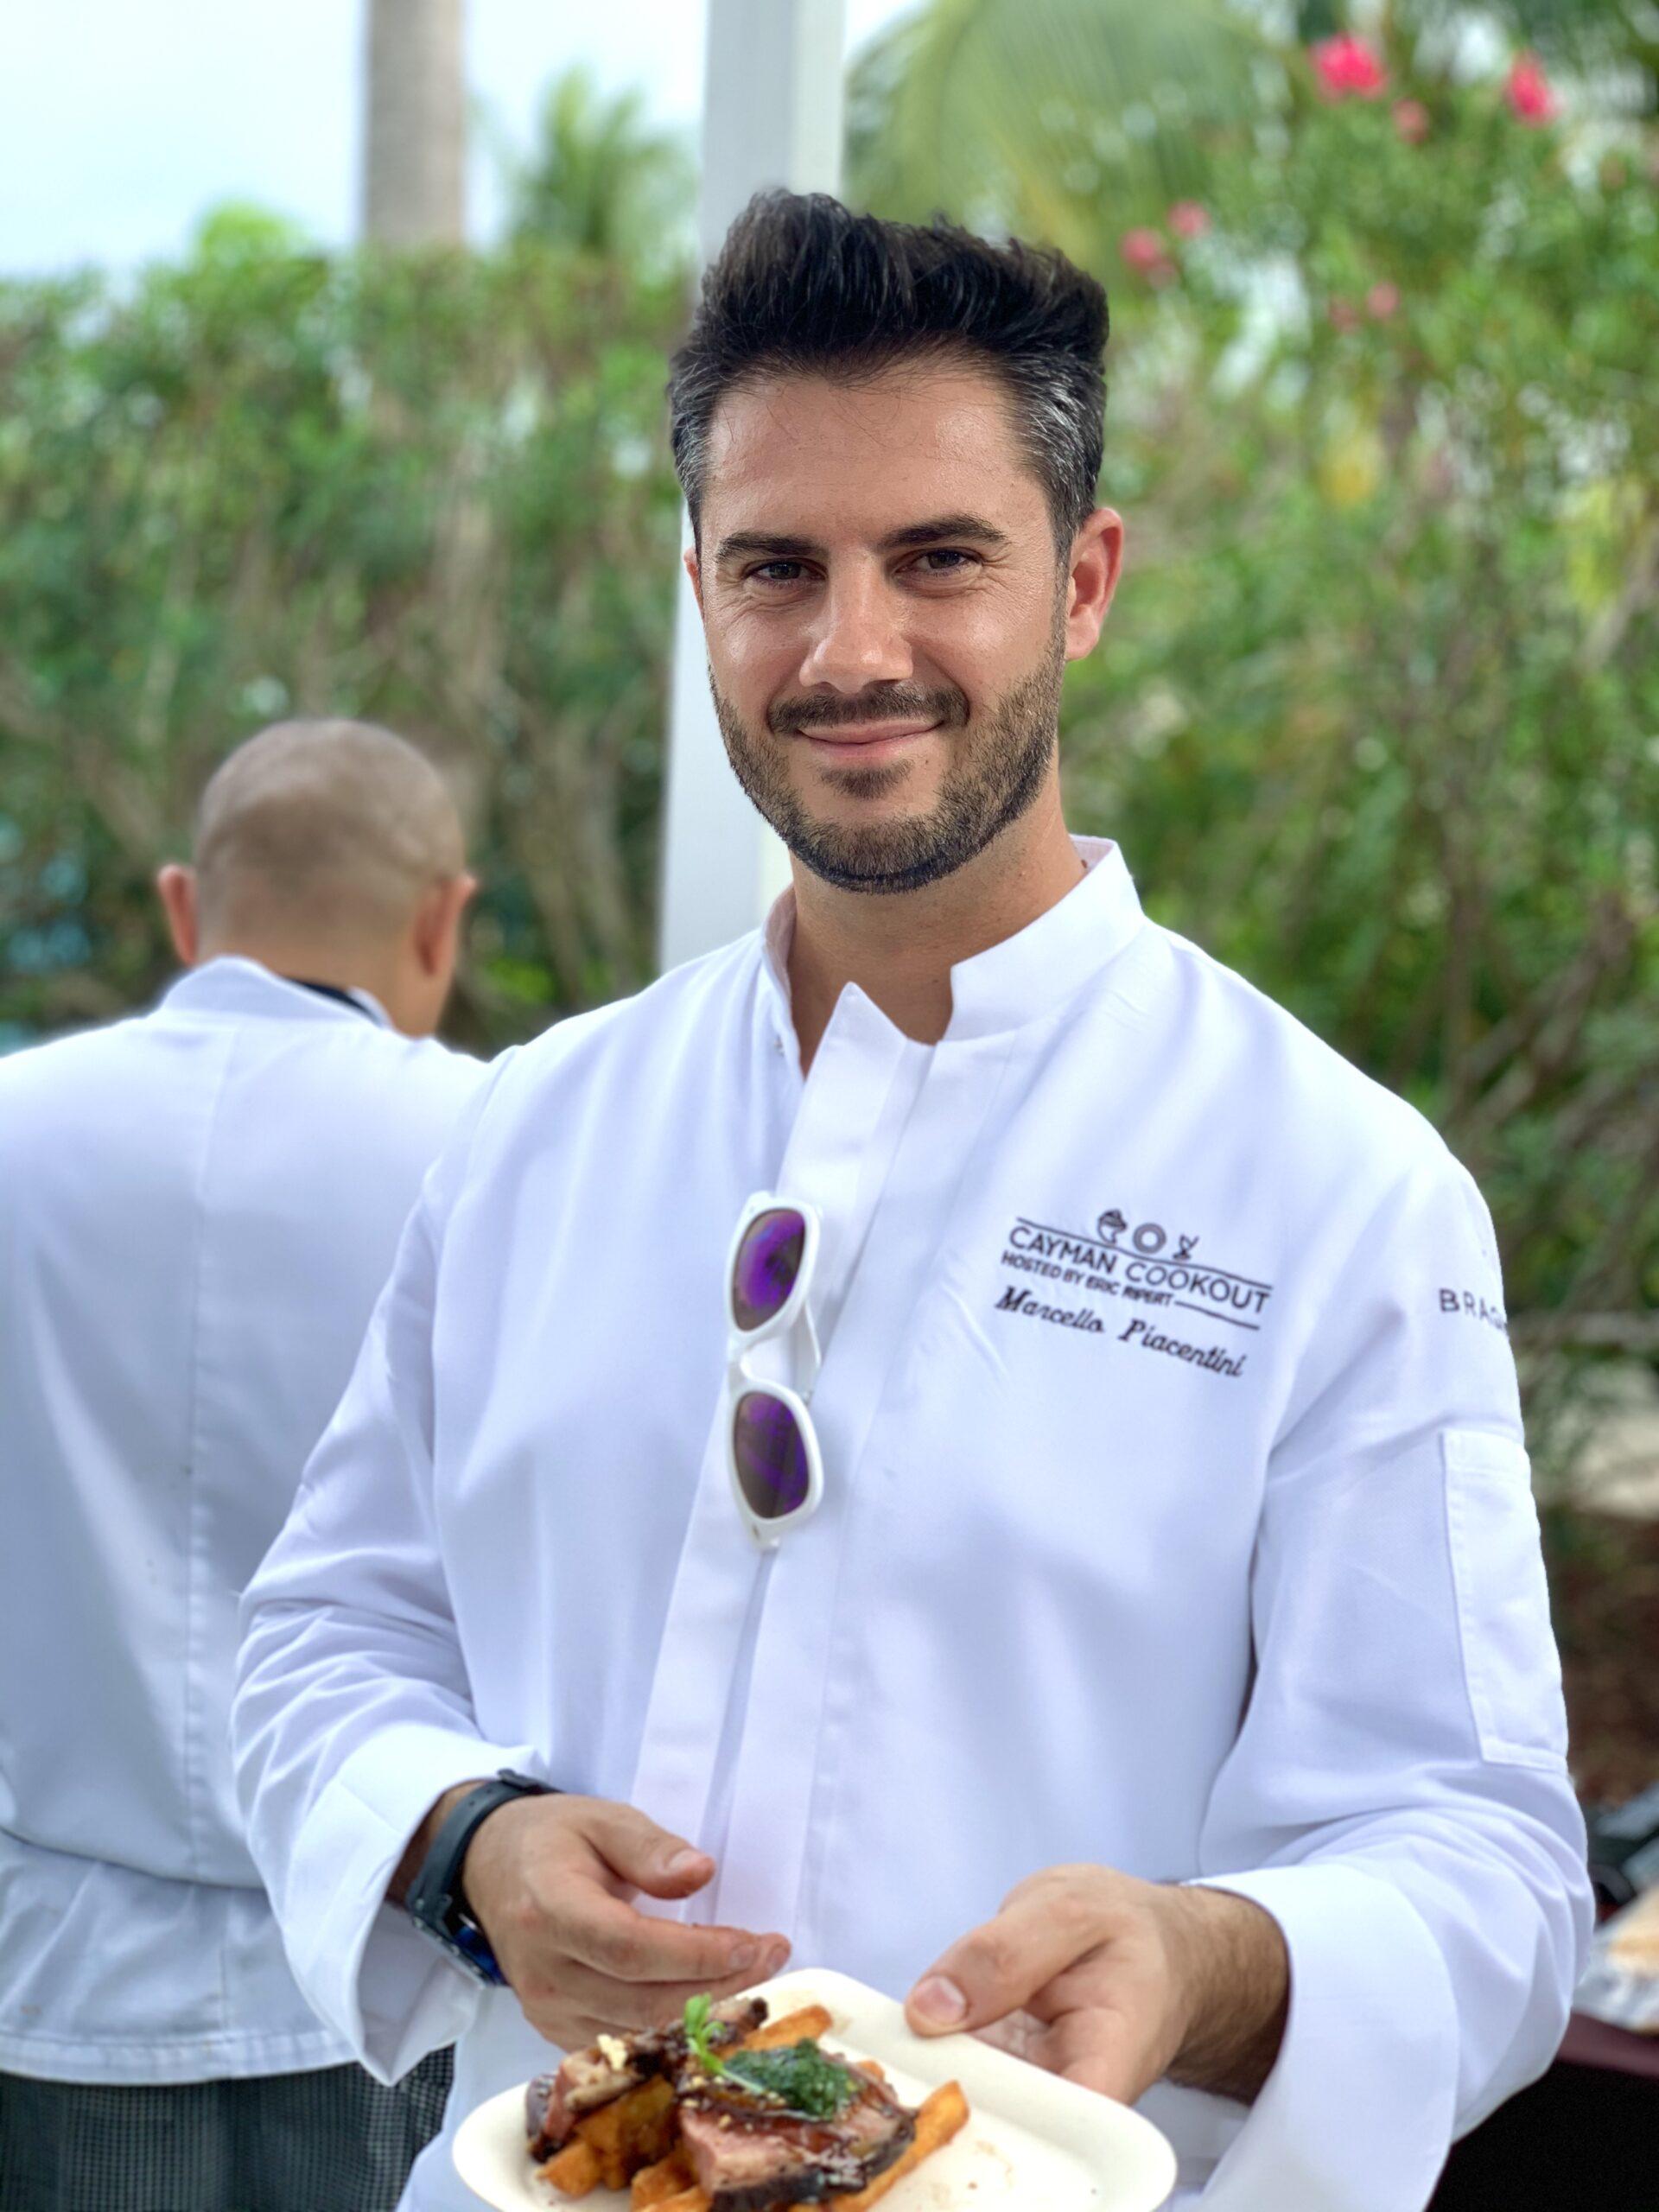 Marcello Piacentini e la sua nuova vita alle Cayman